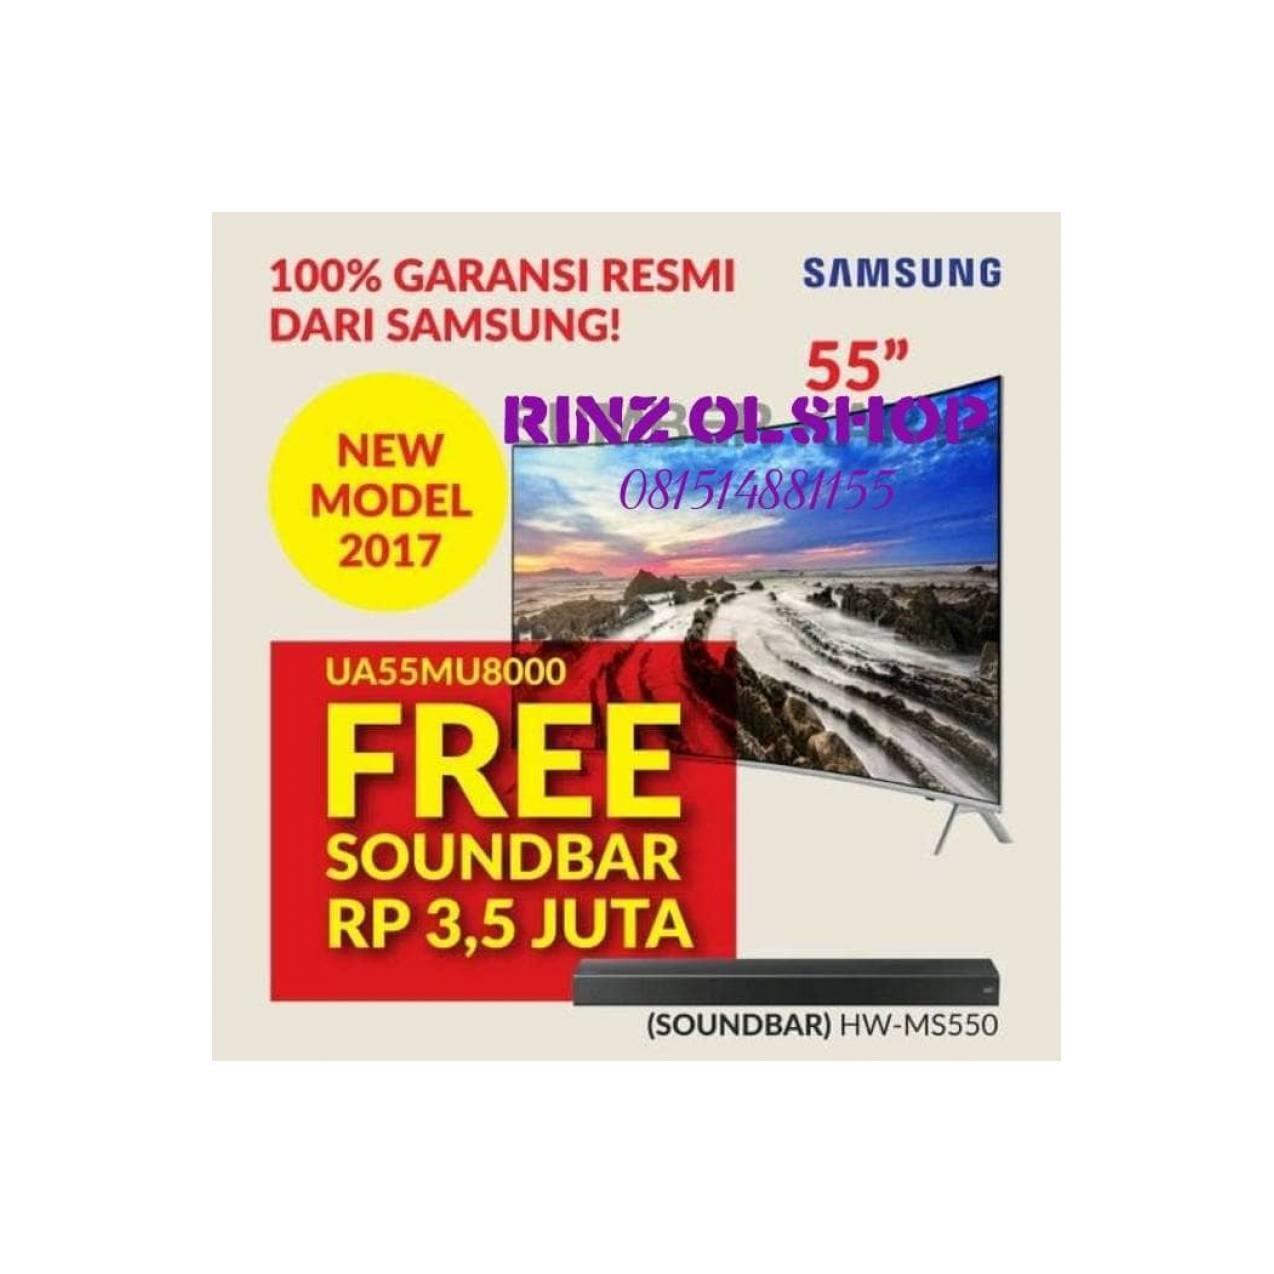 Samsung 55 Suhd 4k Curved Smart Tv Ks9000 Hitam Daftar Harga Ua65ks9000kpxd Led 65 Inch Promo Uhd Ua55mu8000 55mu8000idr25755000 Rp 30240